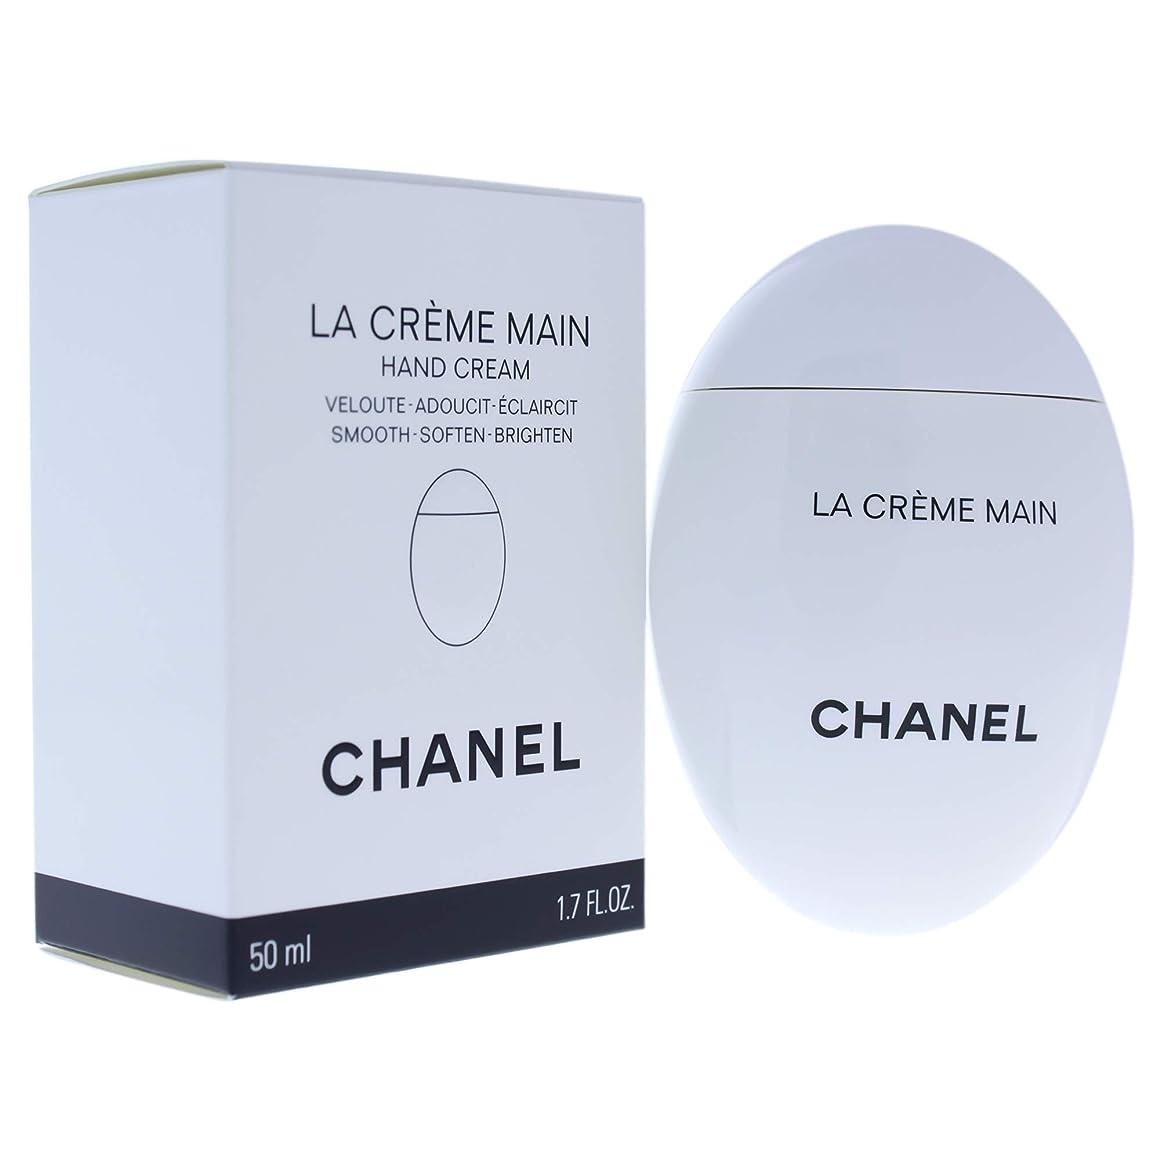 オーガニック止まる晩ごはんCHANEL LA CRèME MAIN シャネル ラ クレーム マン ハンドクリーム 50ml